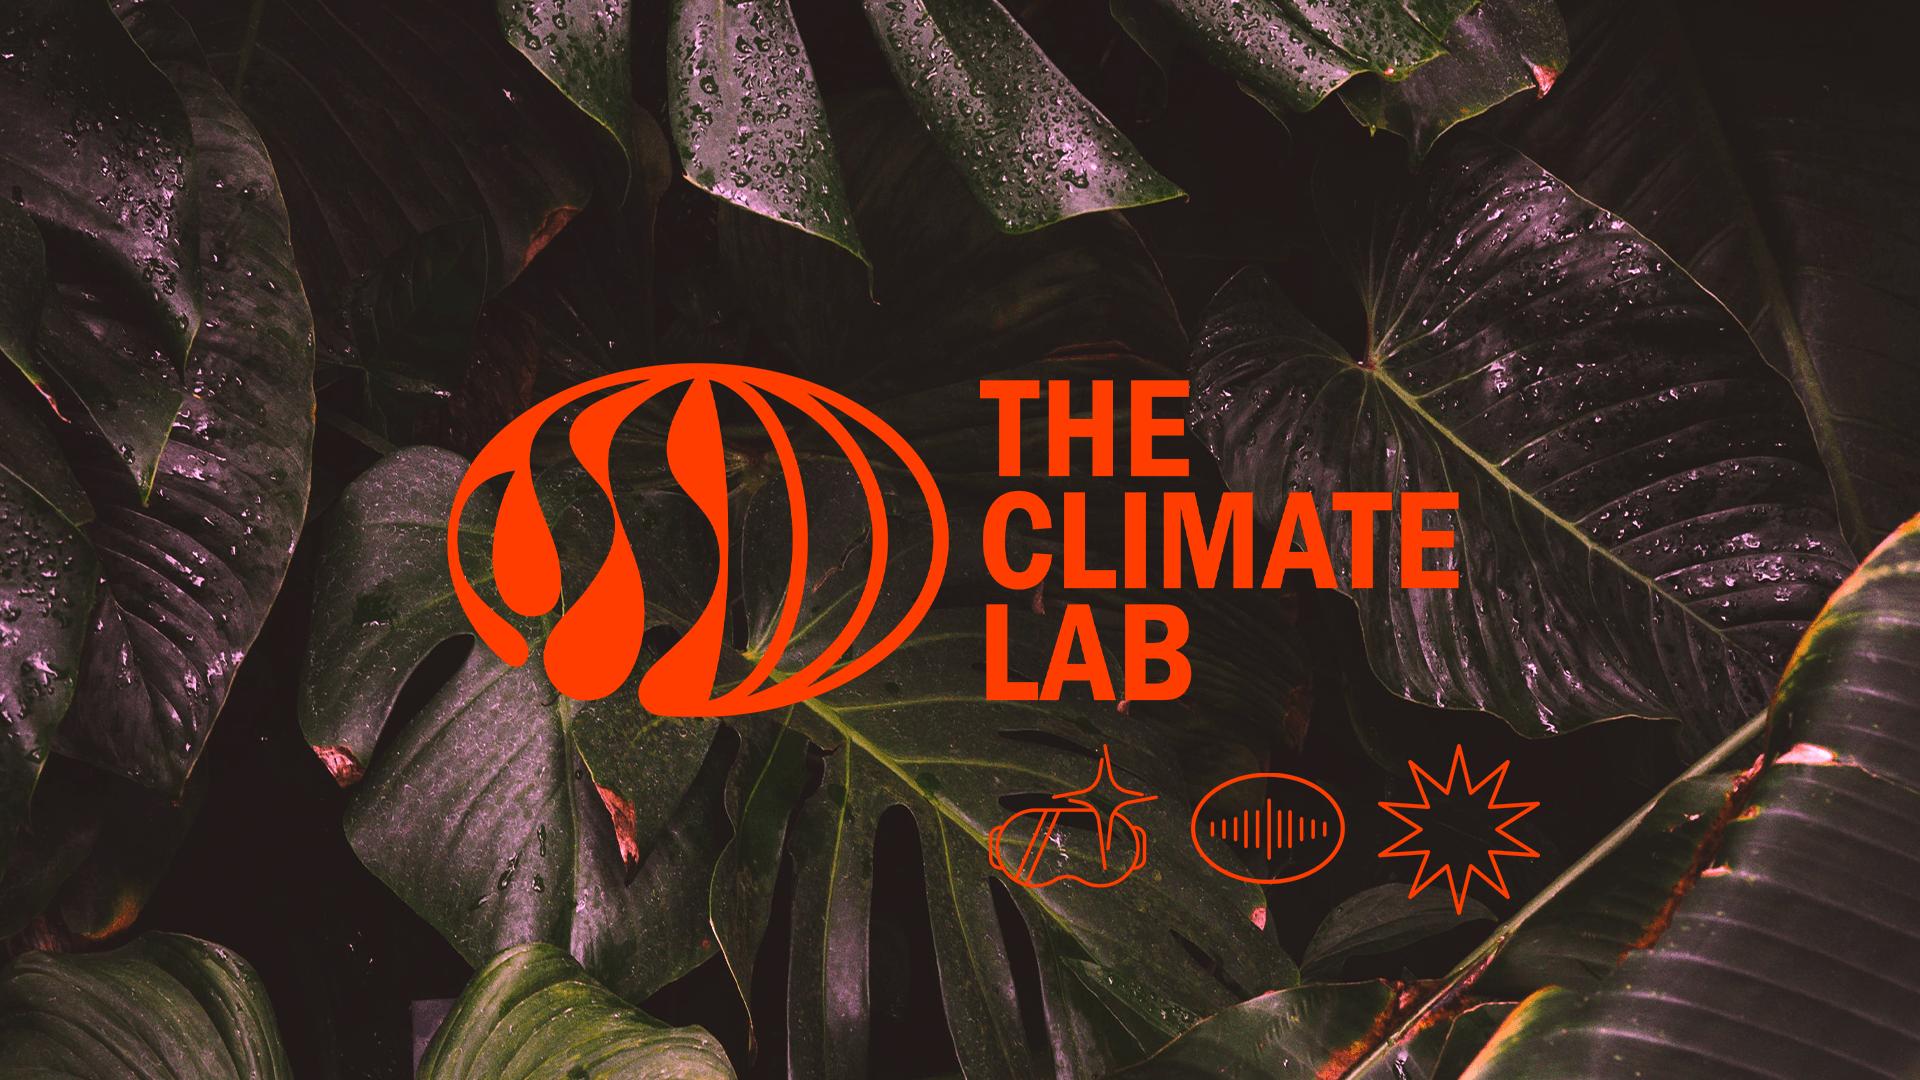 Innowacje VR/AR dla środowiska i klimatu | The Climate Lab